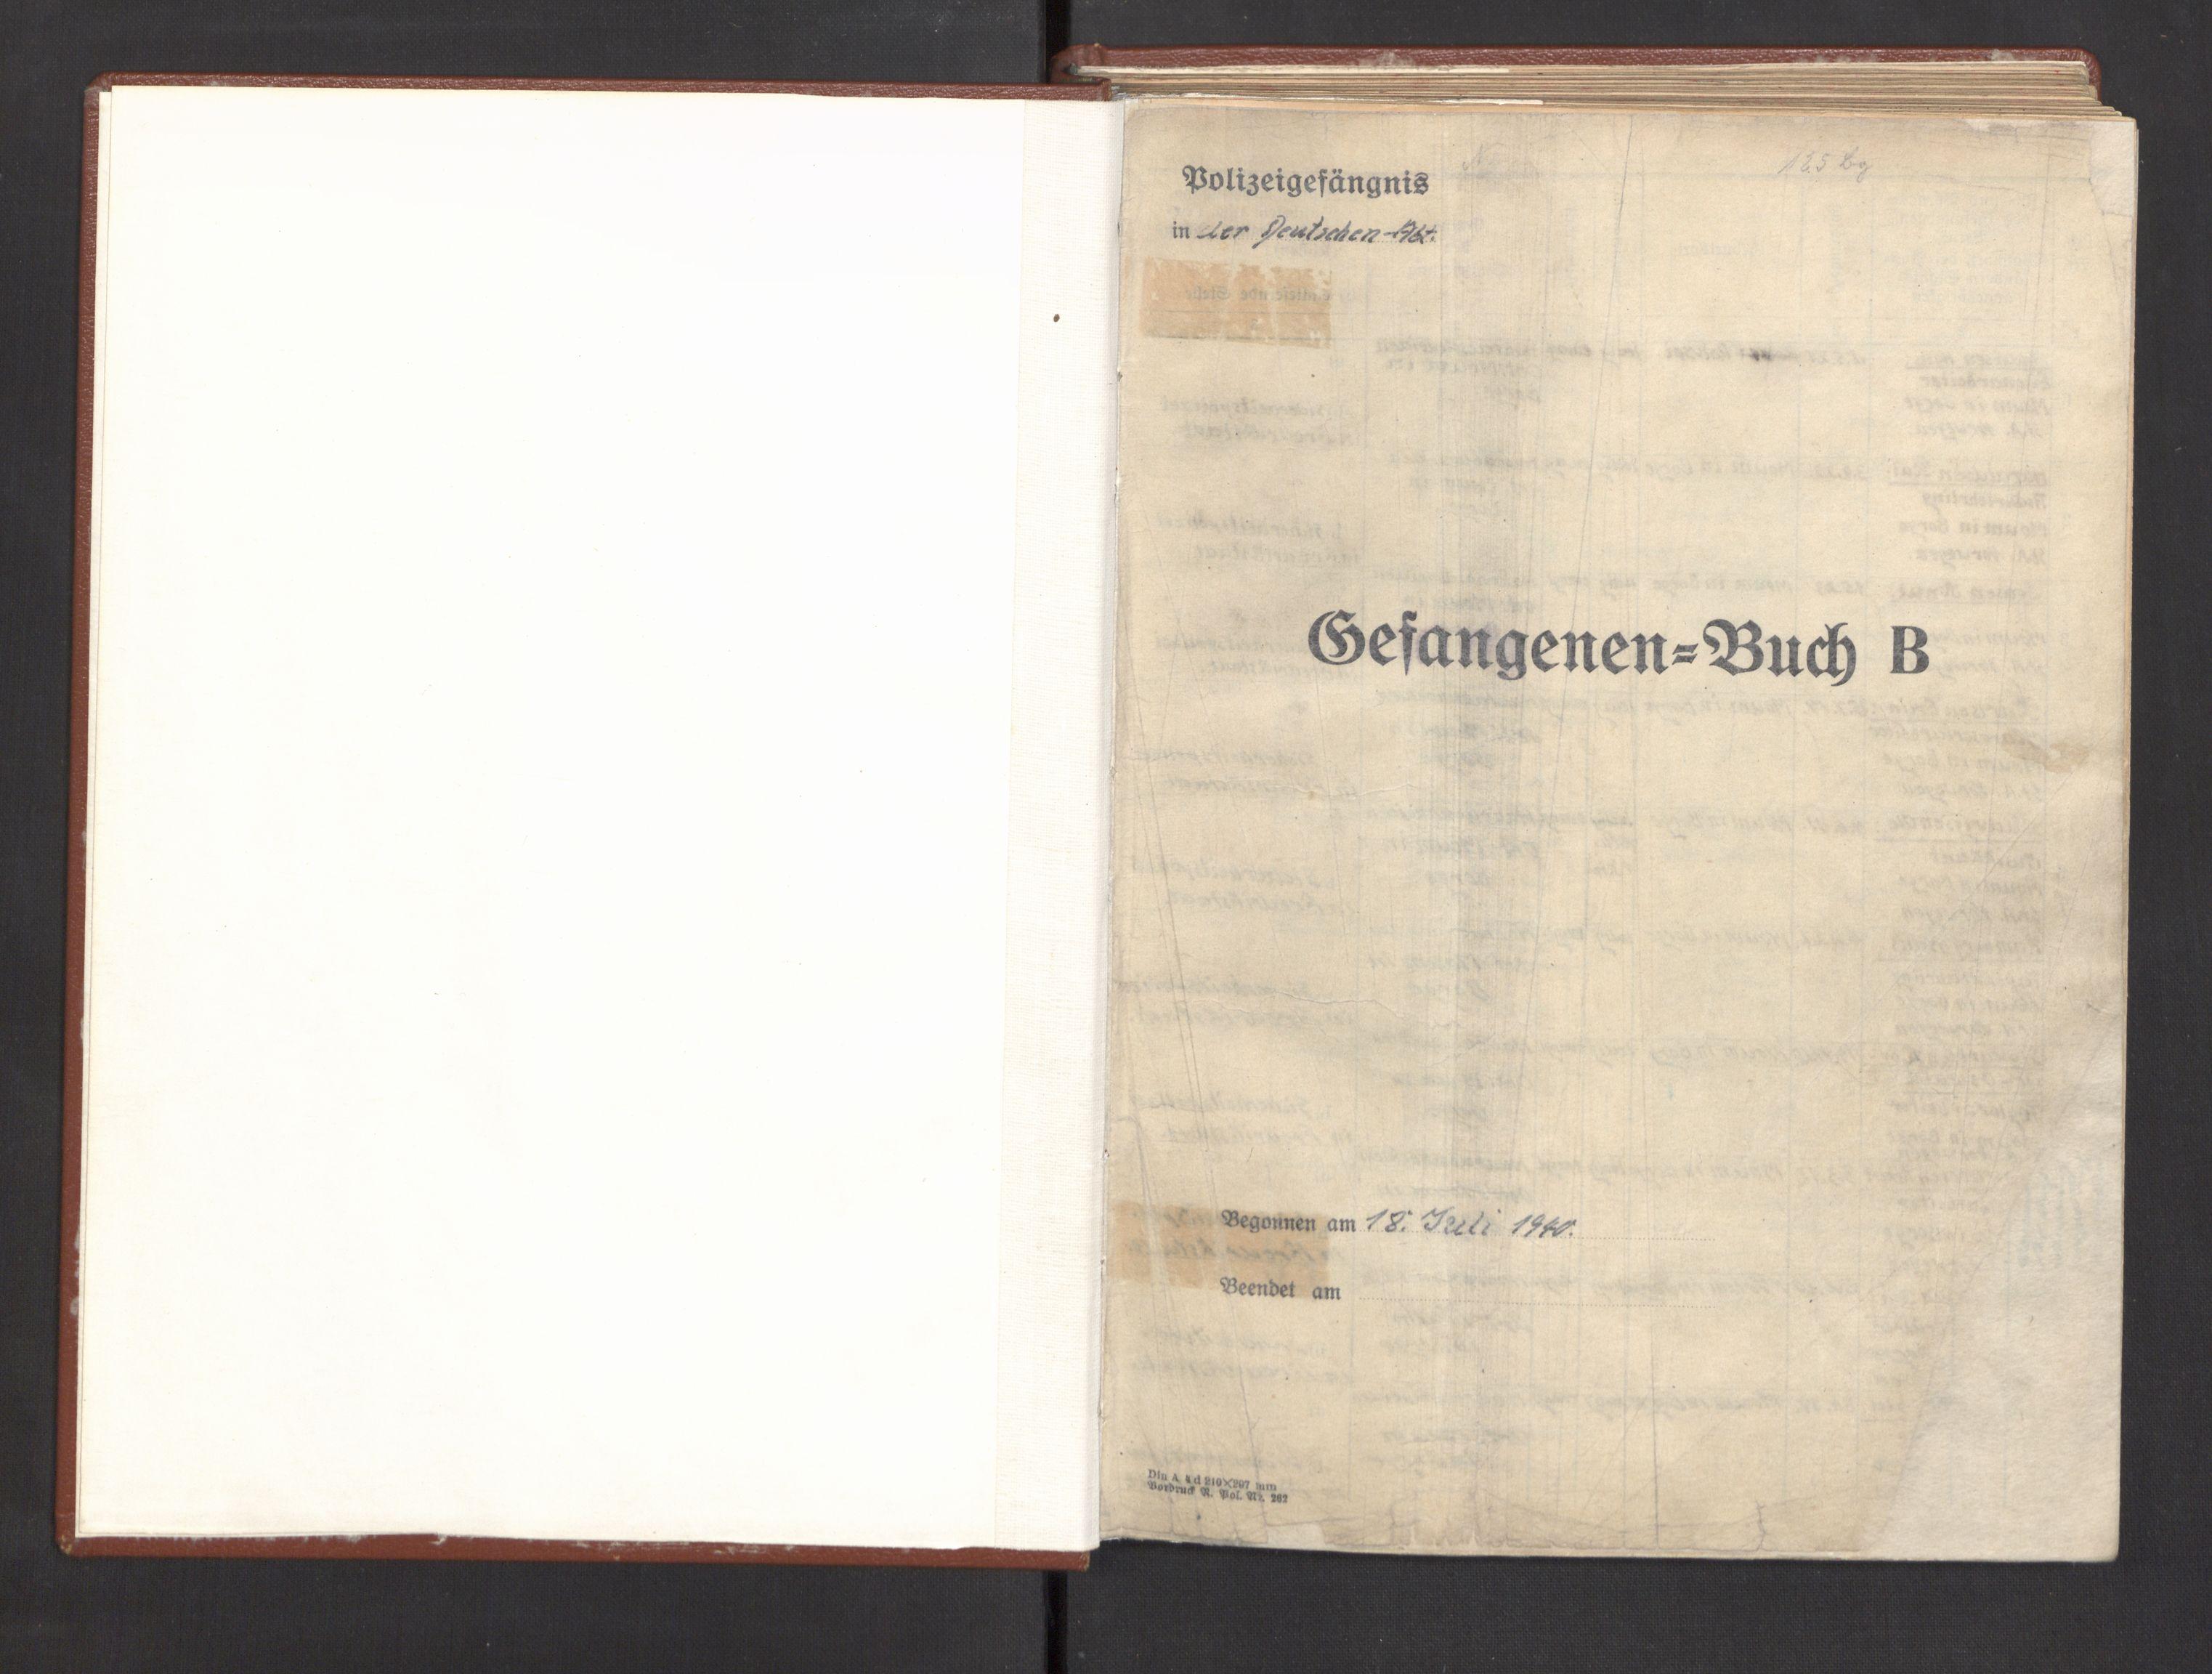 RA, Befehlshaber der Sicherheitspolizei und des SD, E/Ea/Eac/L0001: Fangeprotokoll (Gefangenebuch). Fangenr. 1-246, 1941-1942